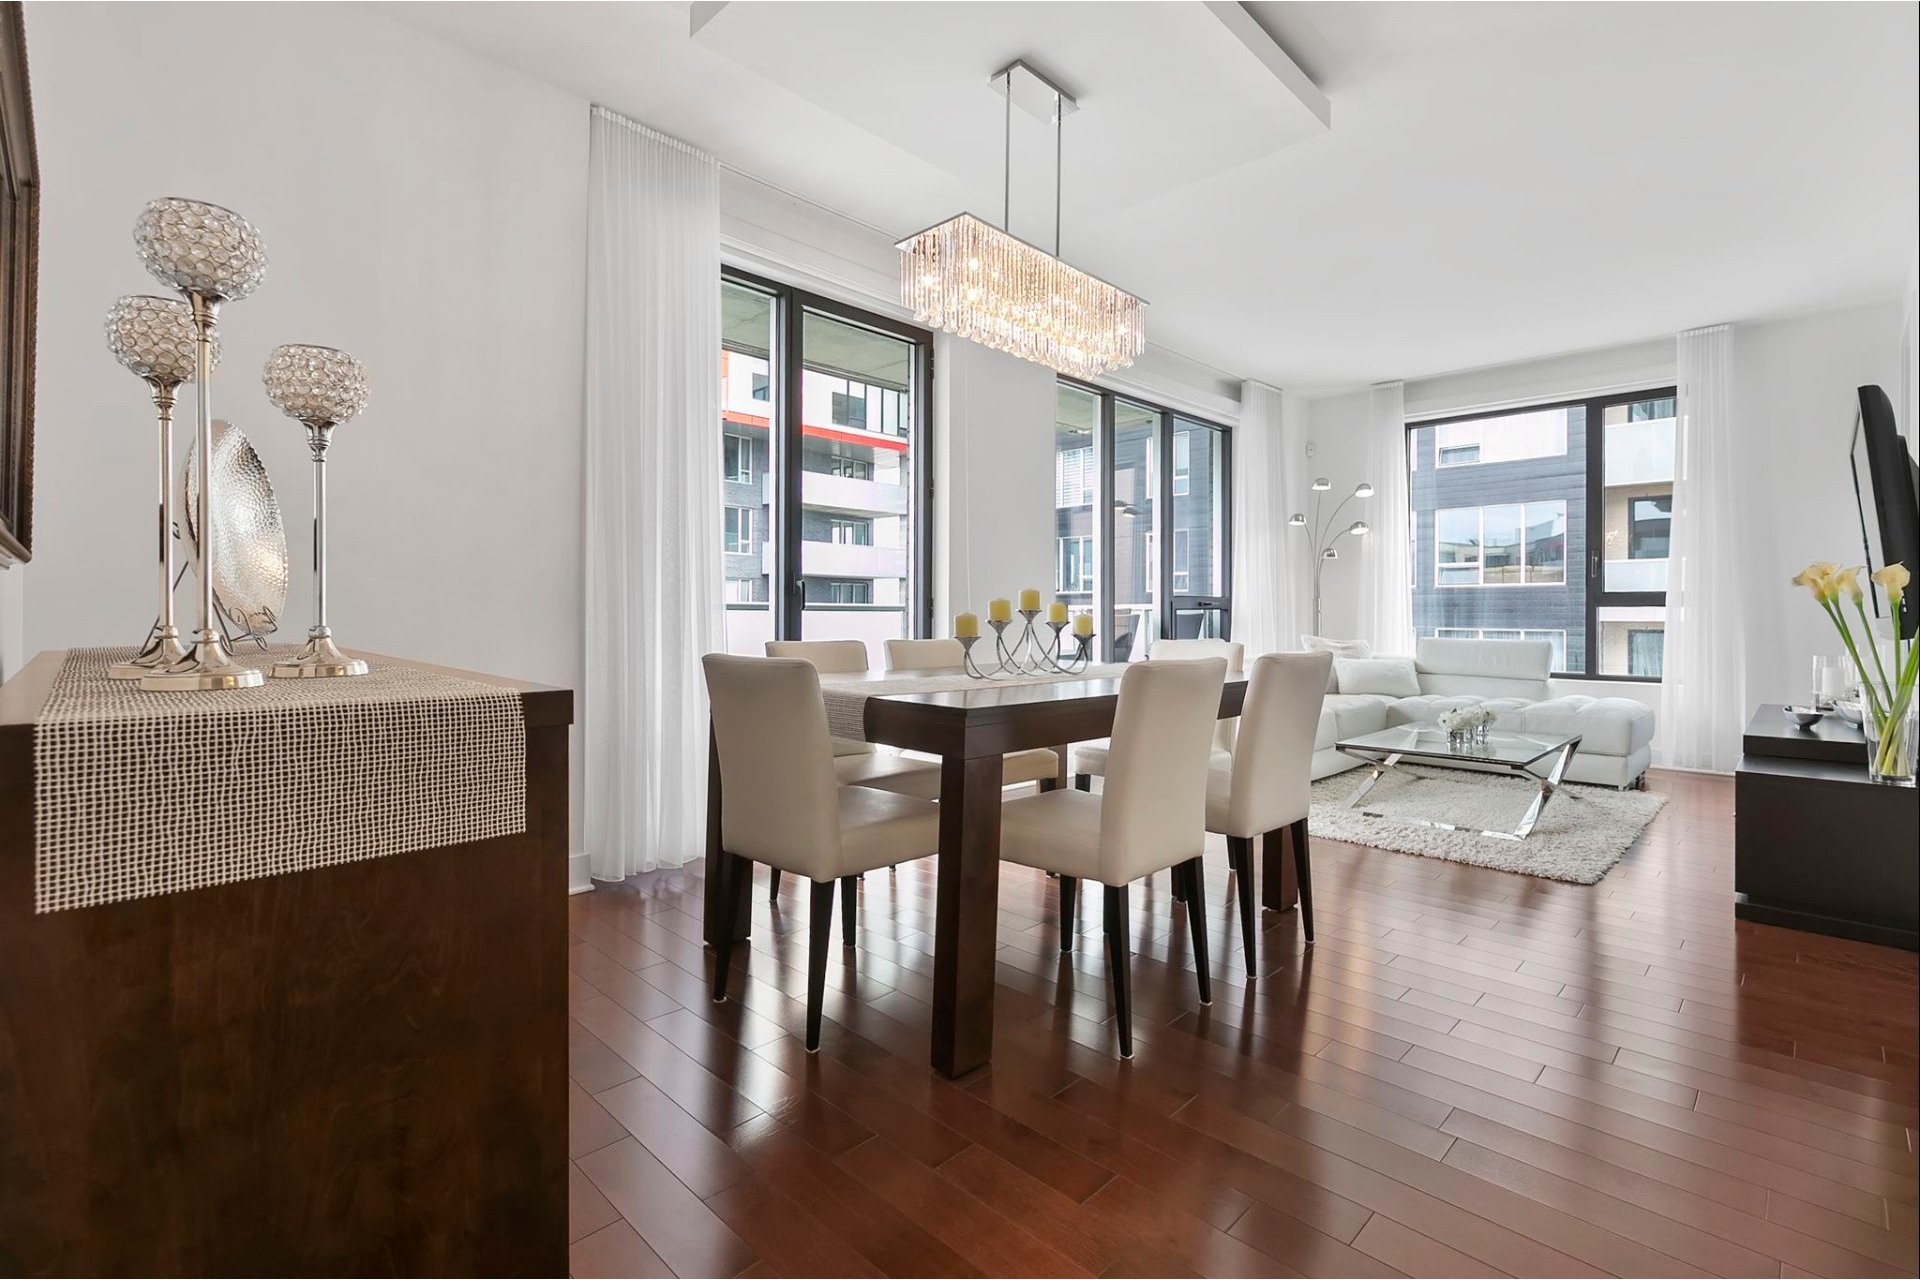 image 9 - Apartment For sale Côte-des-Neiges/Notre-Dame-de-Grâce Montréal  - 8 rooms